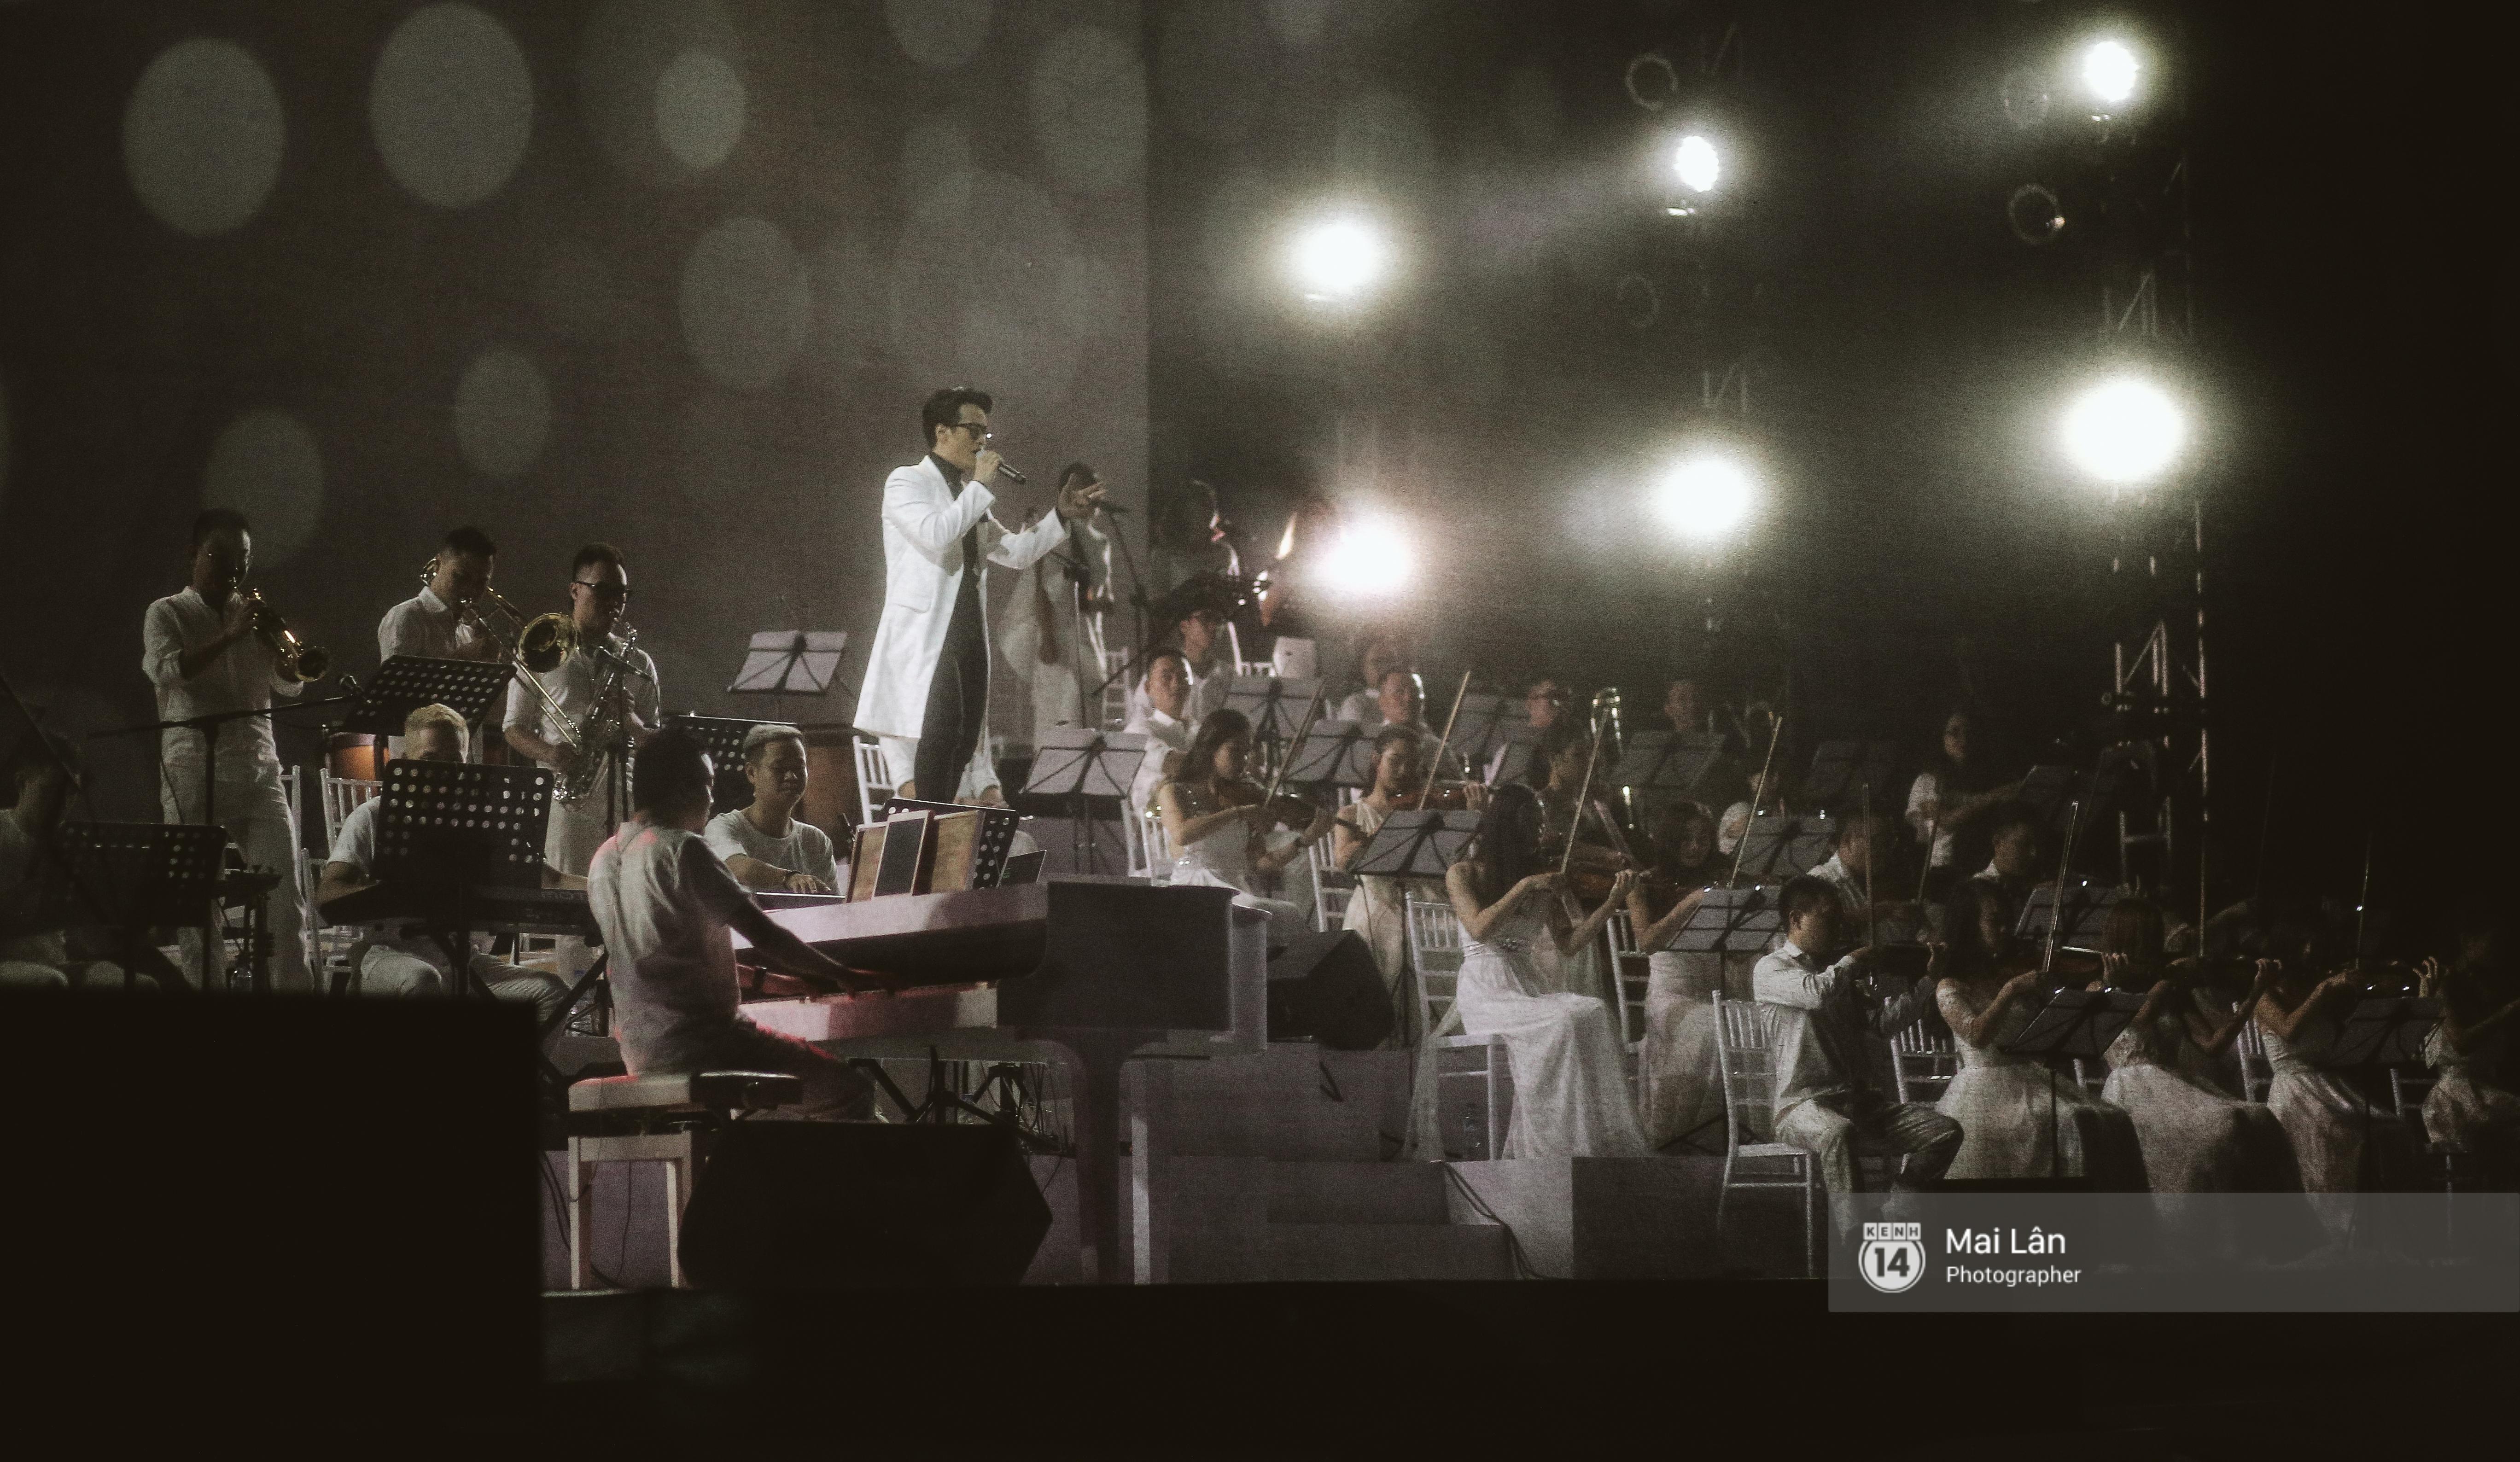 Quên Hà Anh Tuấn đi, hãy thưởng thức Fragile Concert hết mình bằng cả thanh xuân của bạn - Ảnh 16.